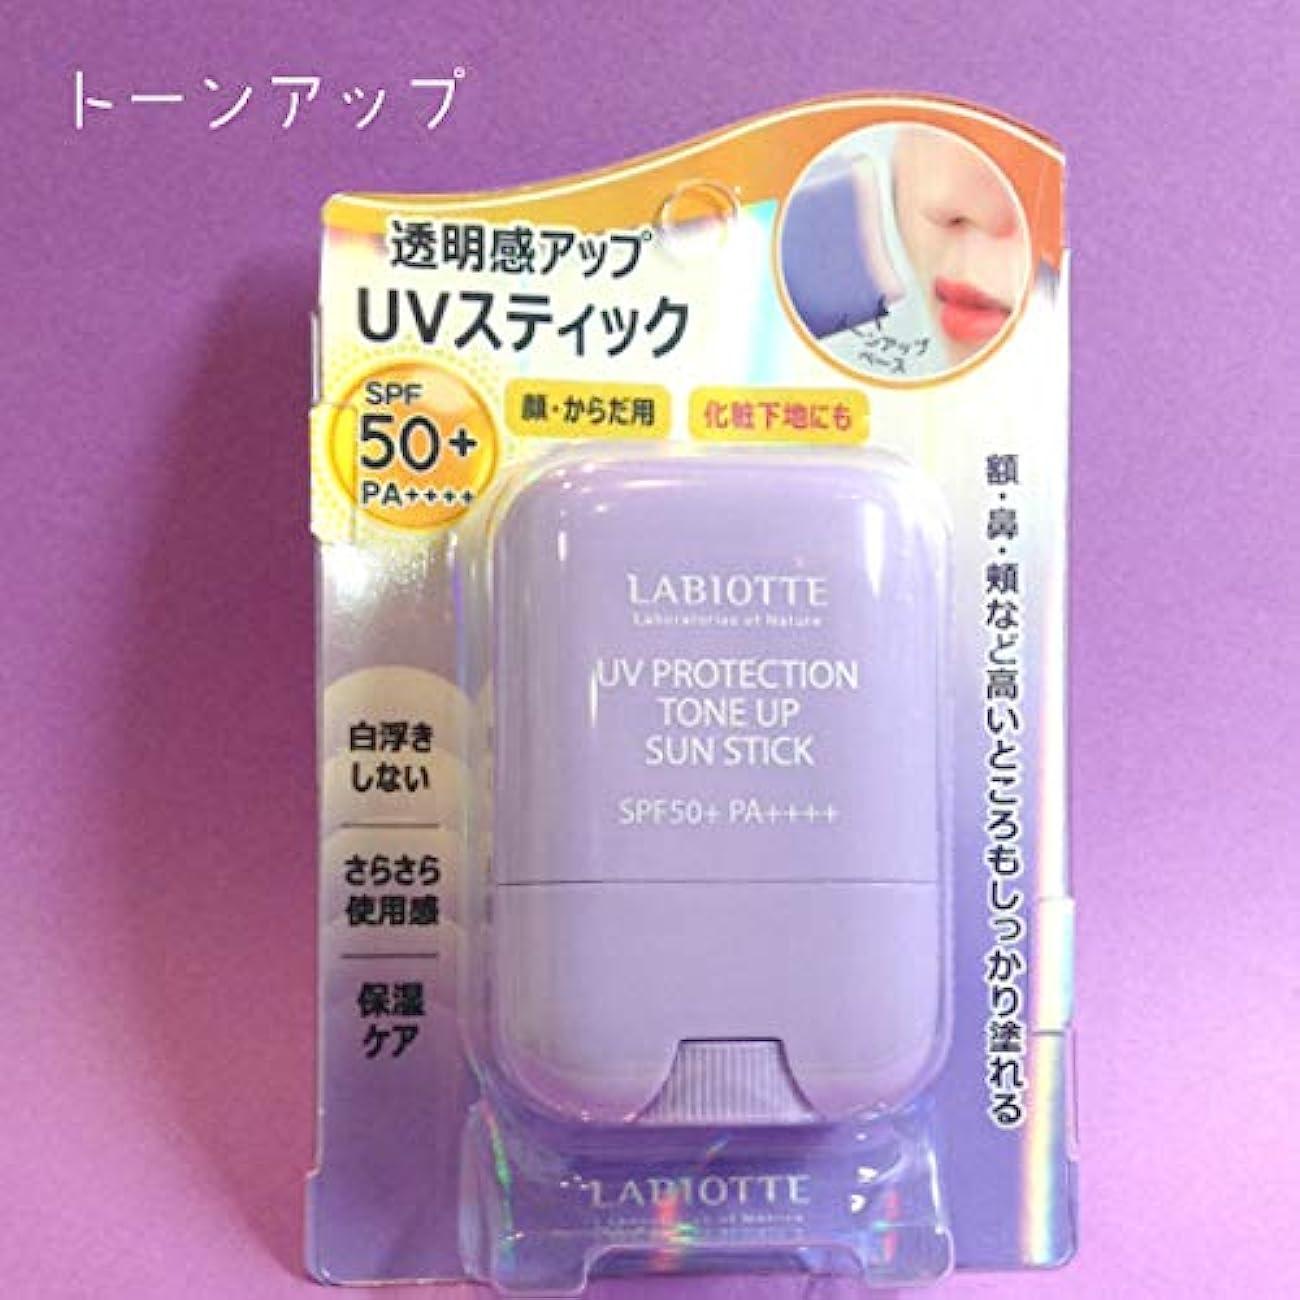 第四核ダース【LABIOTTE -ラビオッテ-】UVプロテクション トーンアップ サンスティック